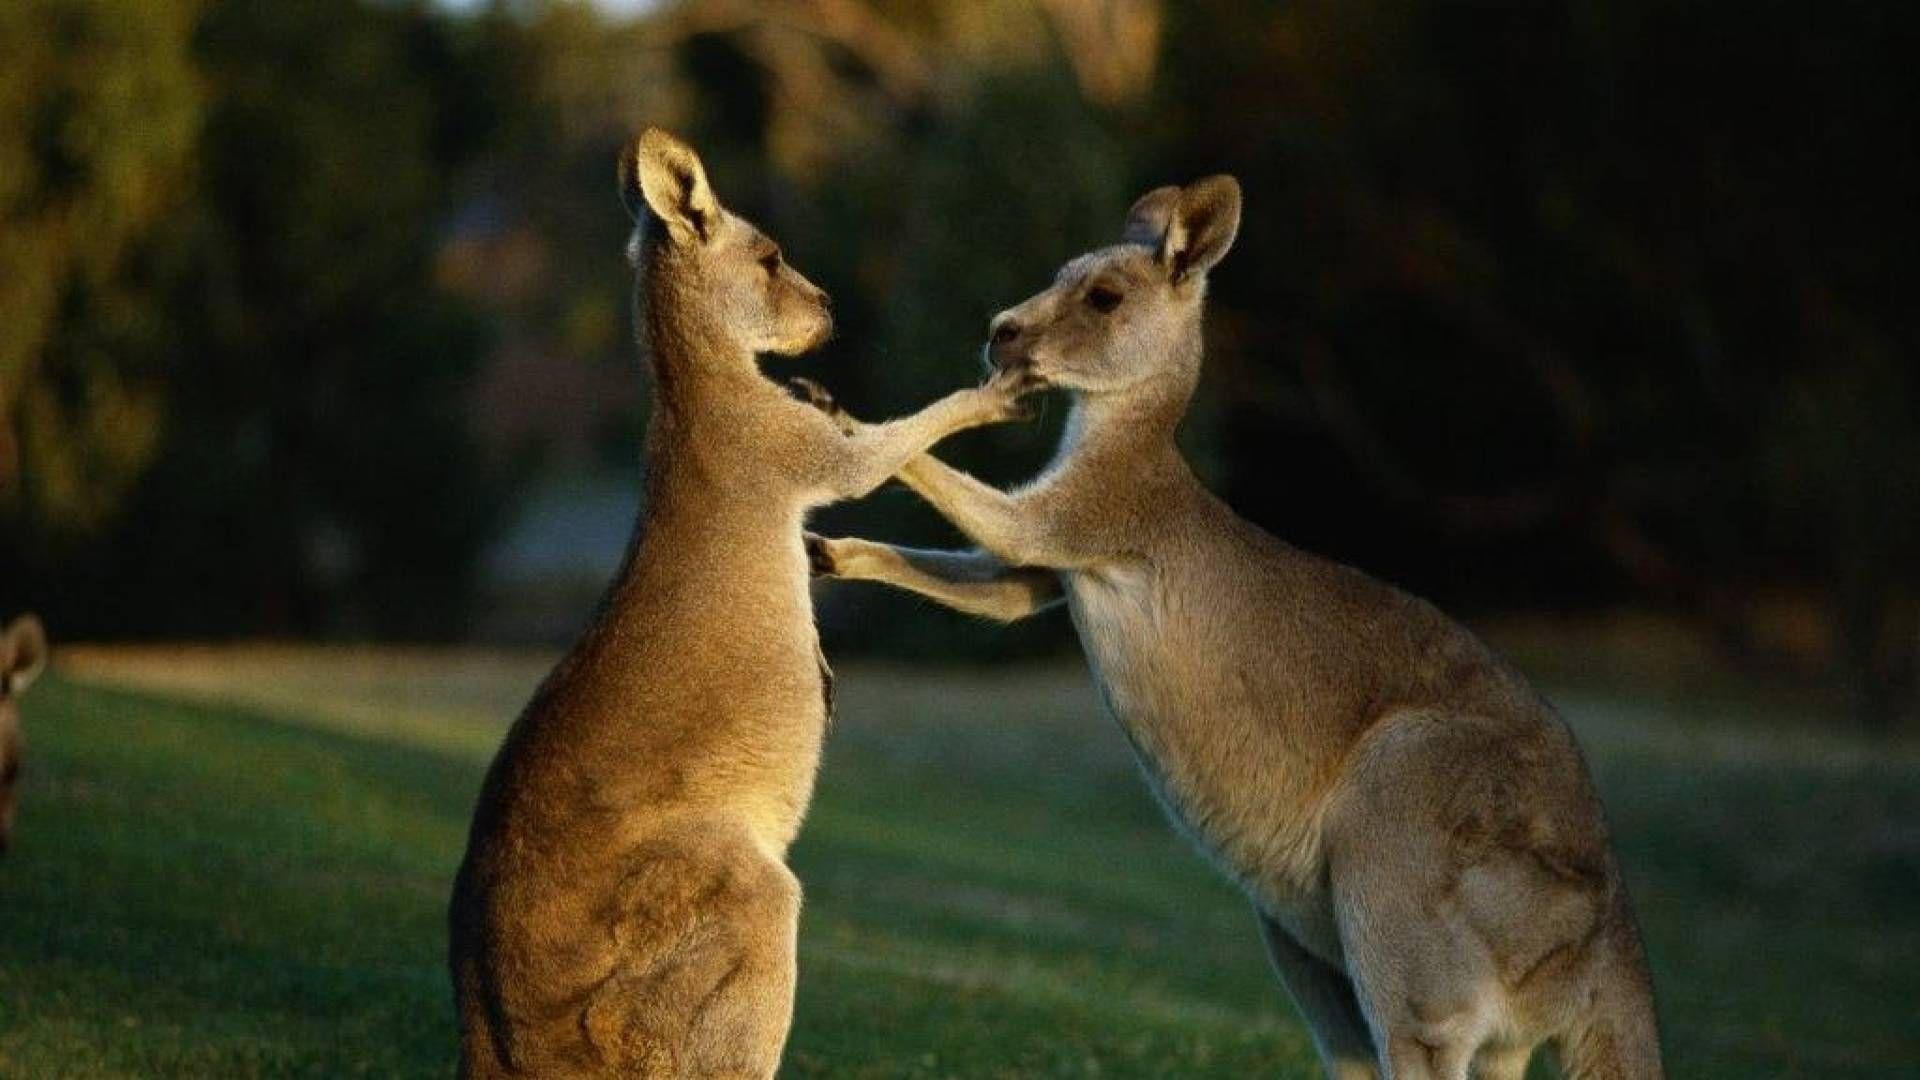 Kangaroo Photos